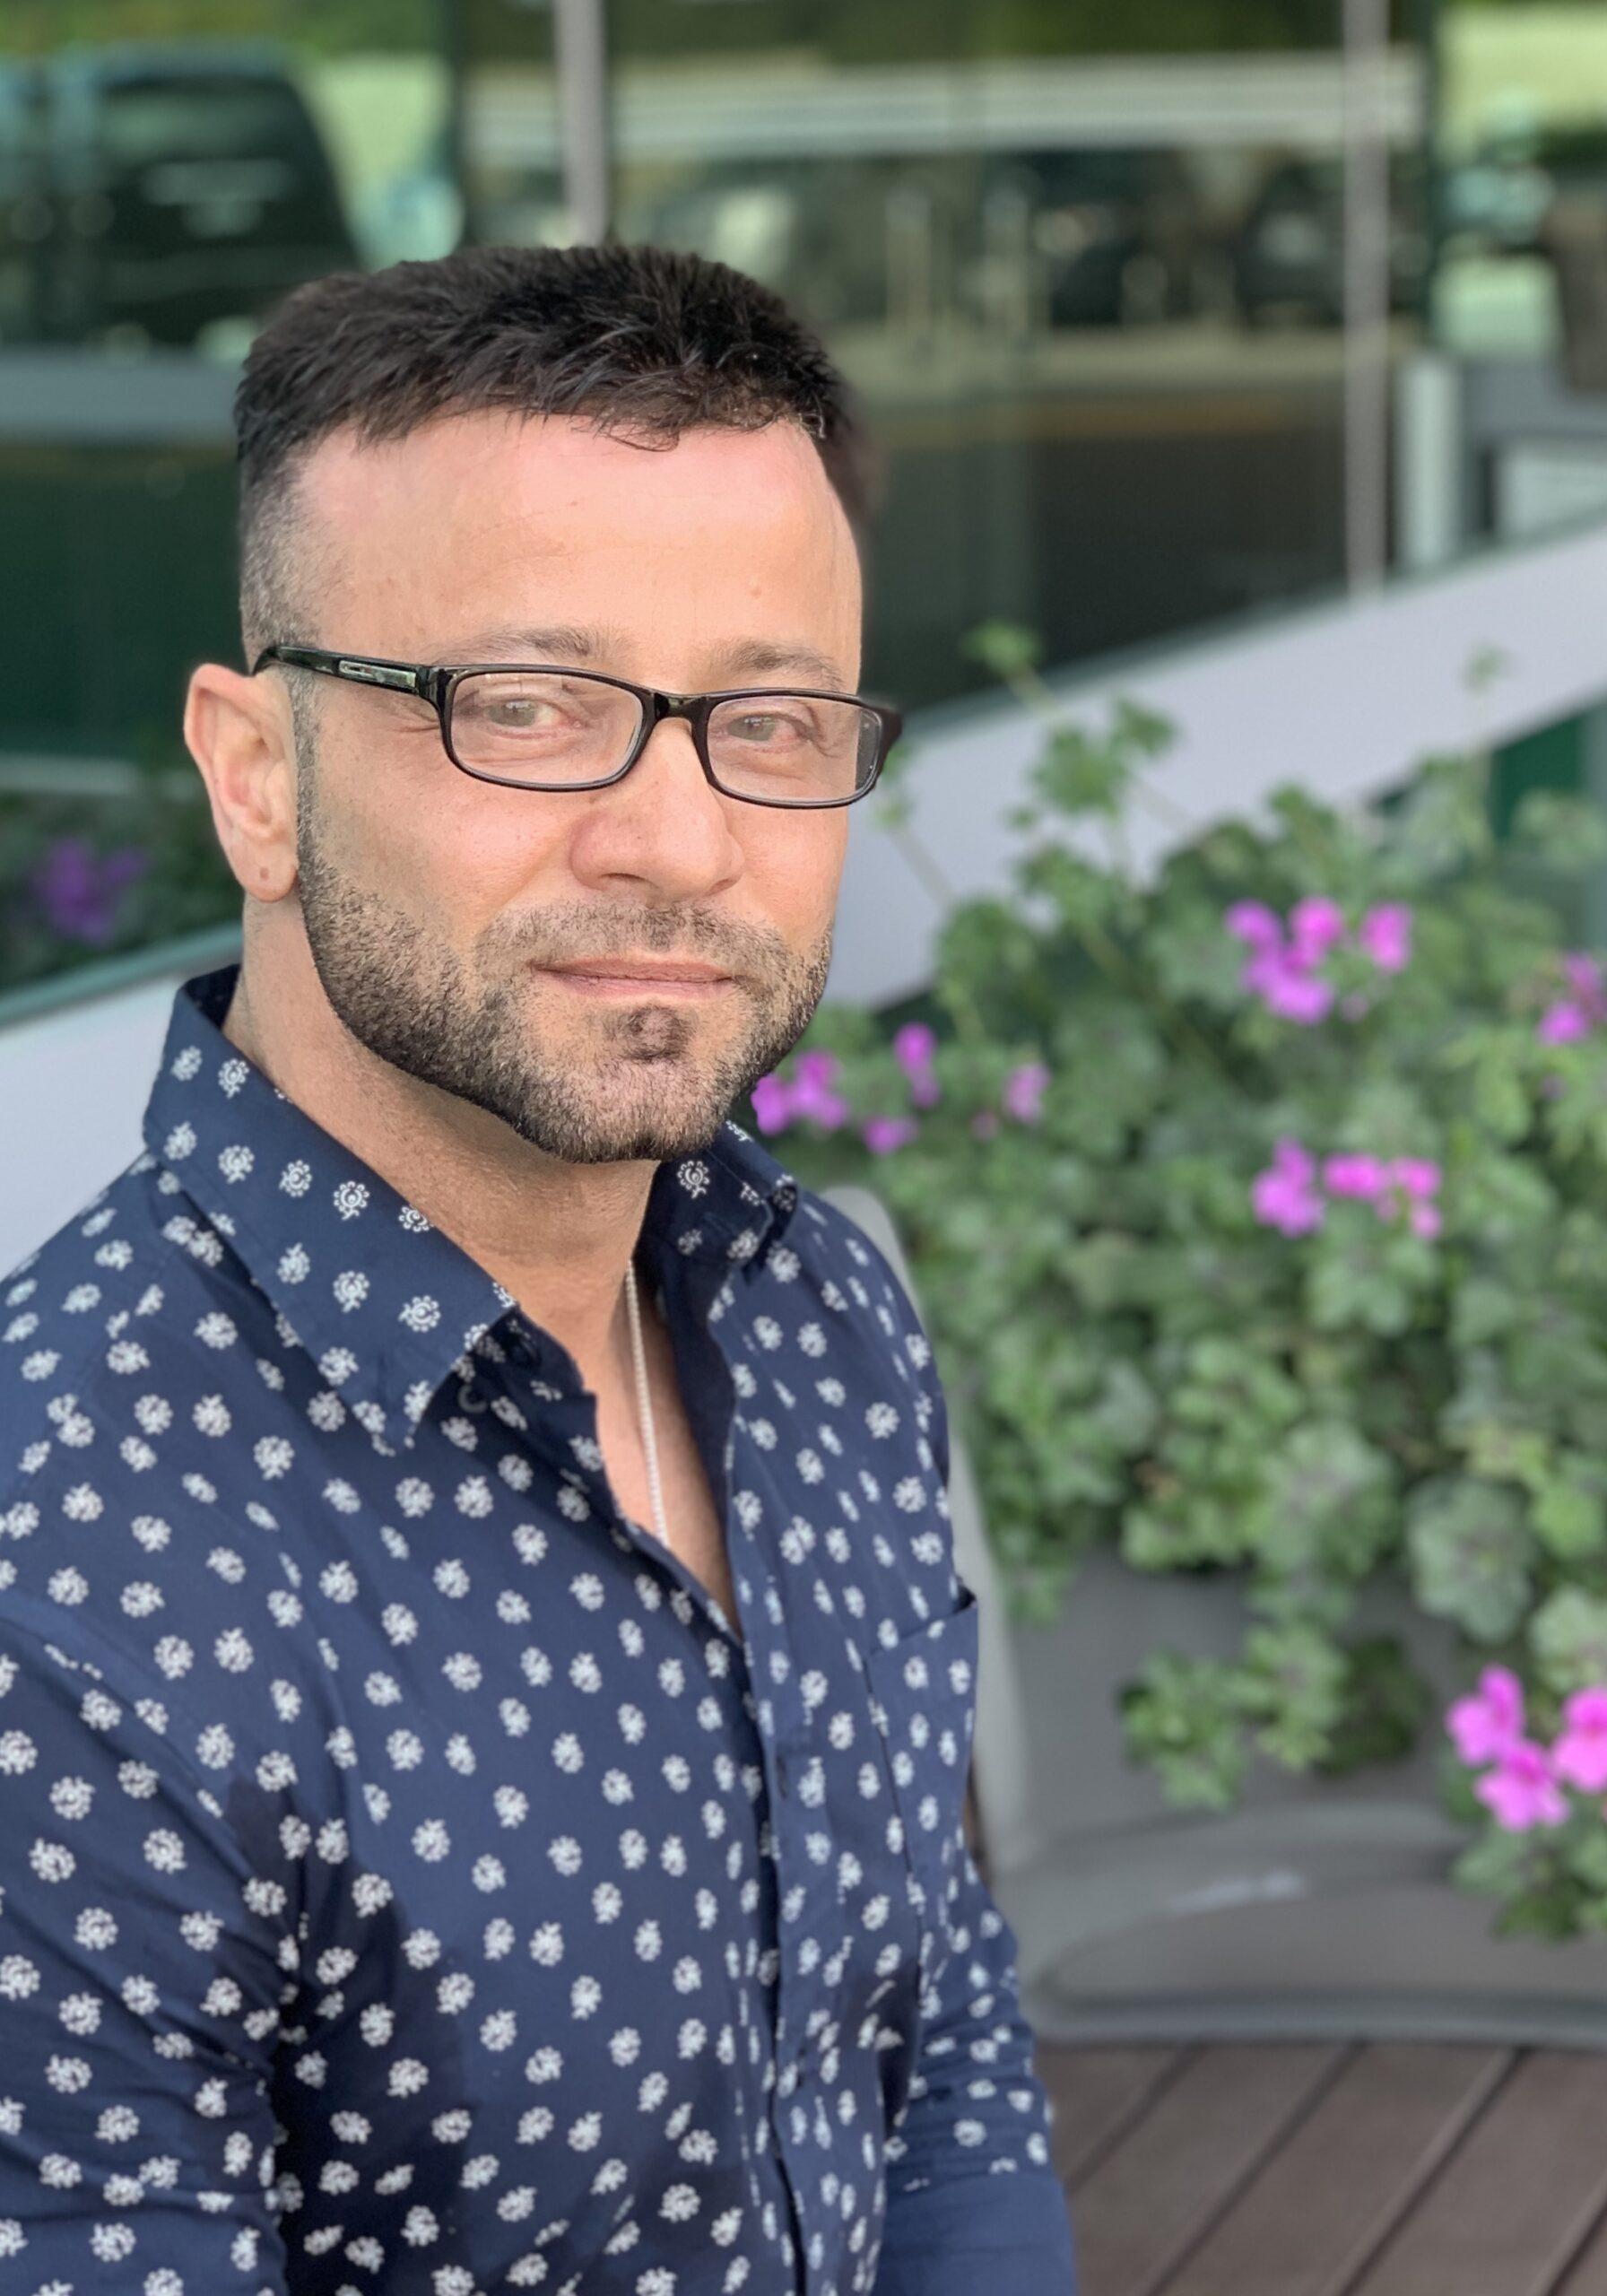 Antonio Civitarese